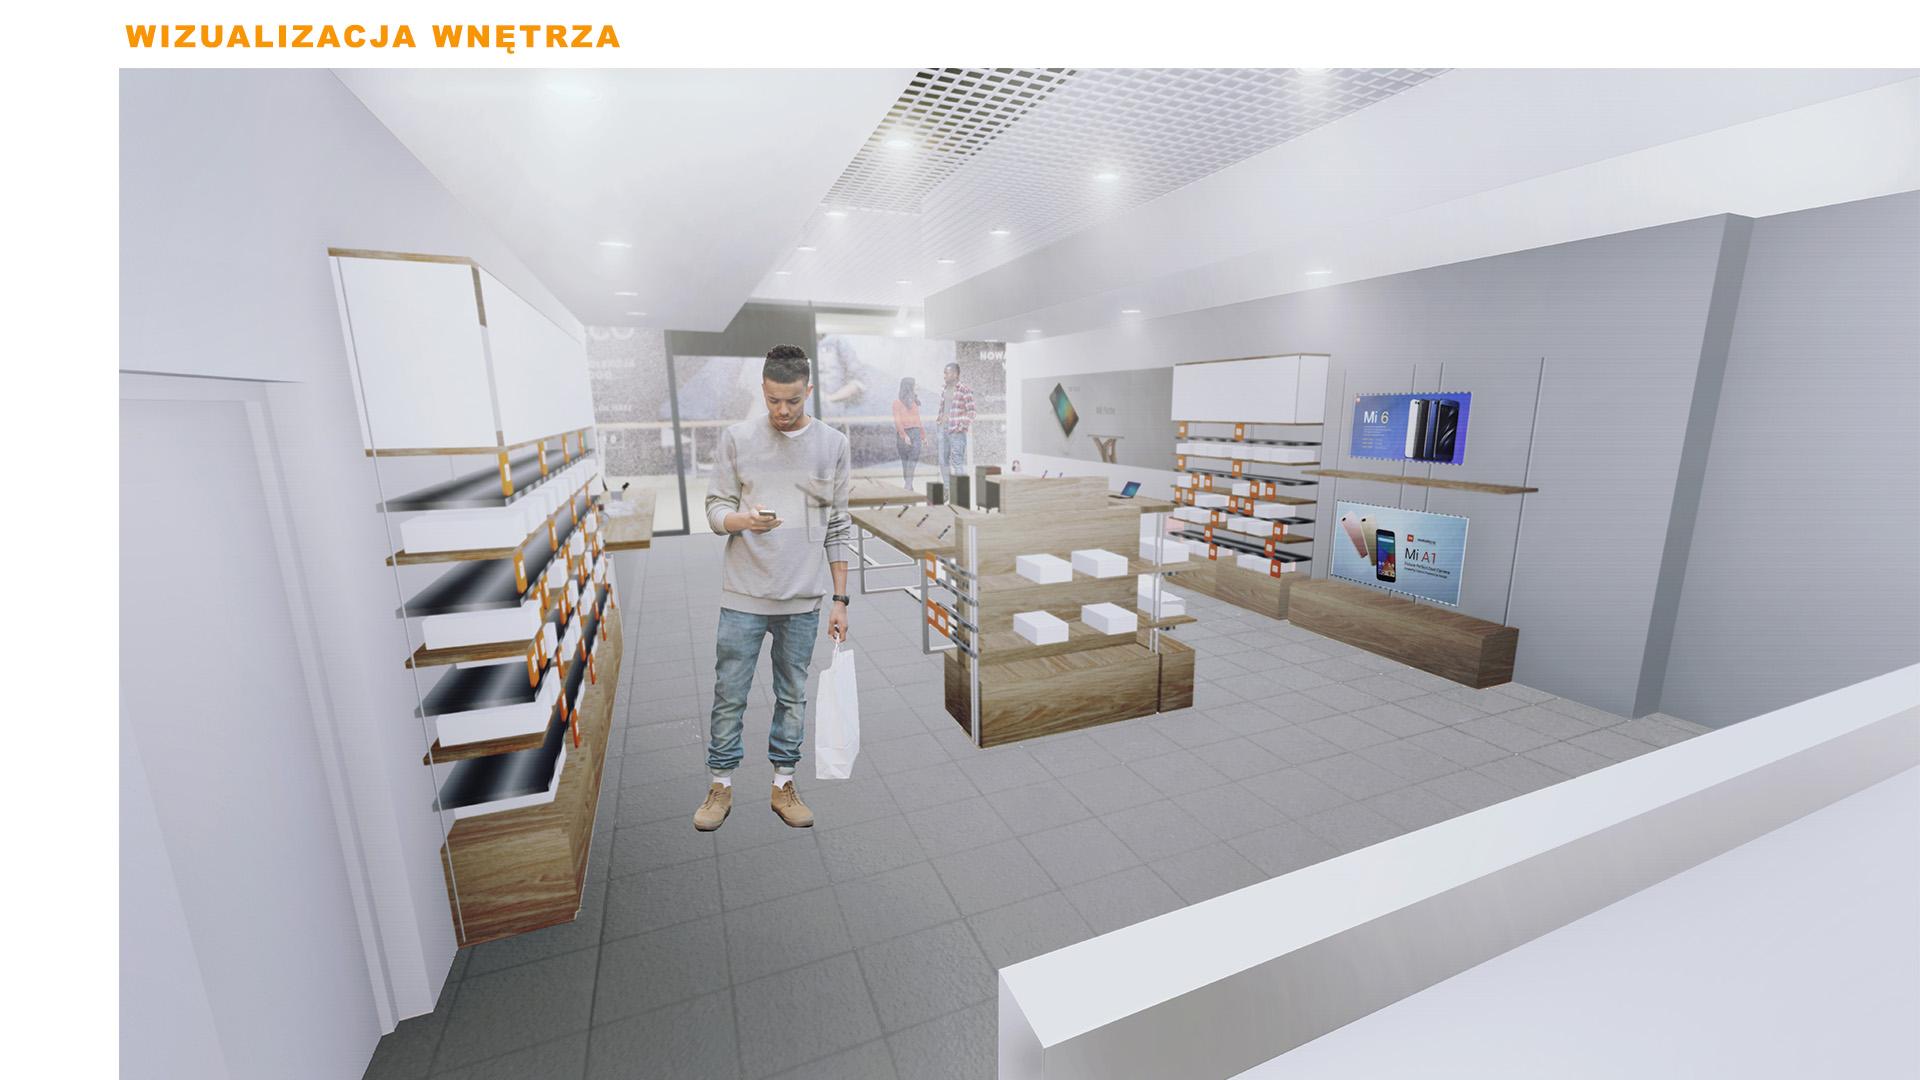 Mi-Store - Wrocław - Pasaż Grunwaldzki - wizualizacja wnętrza